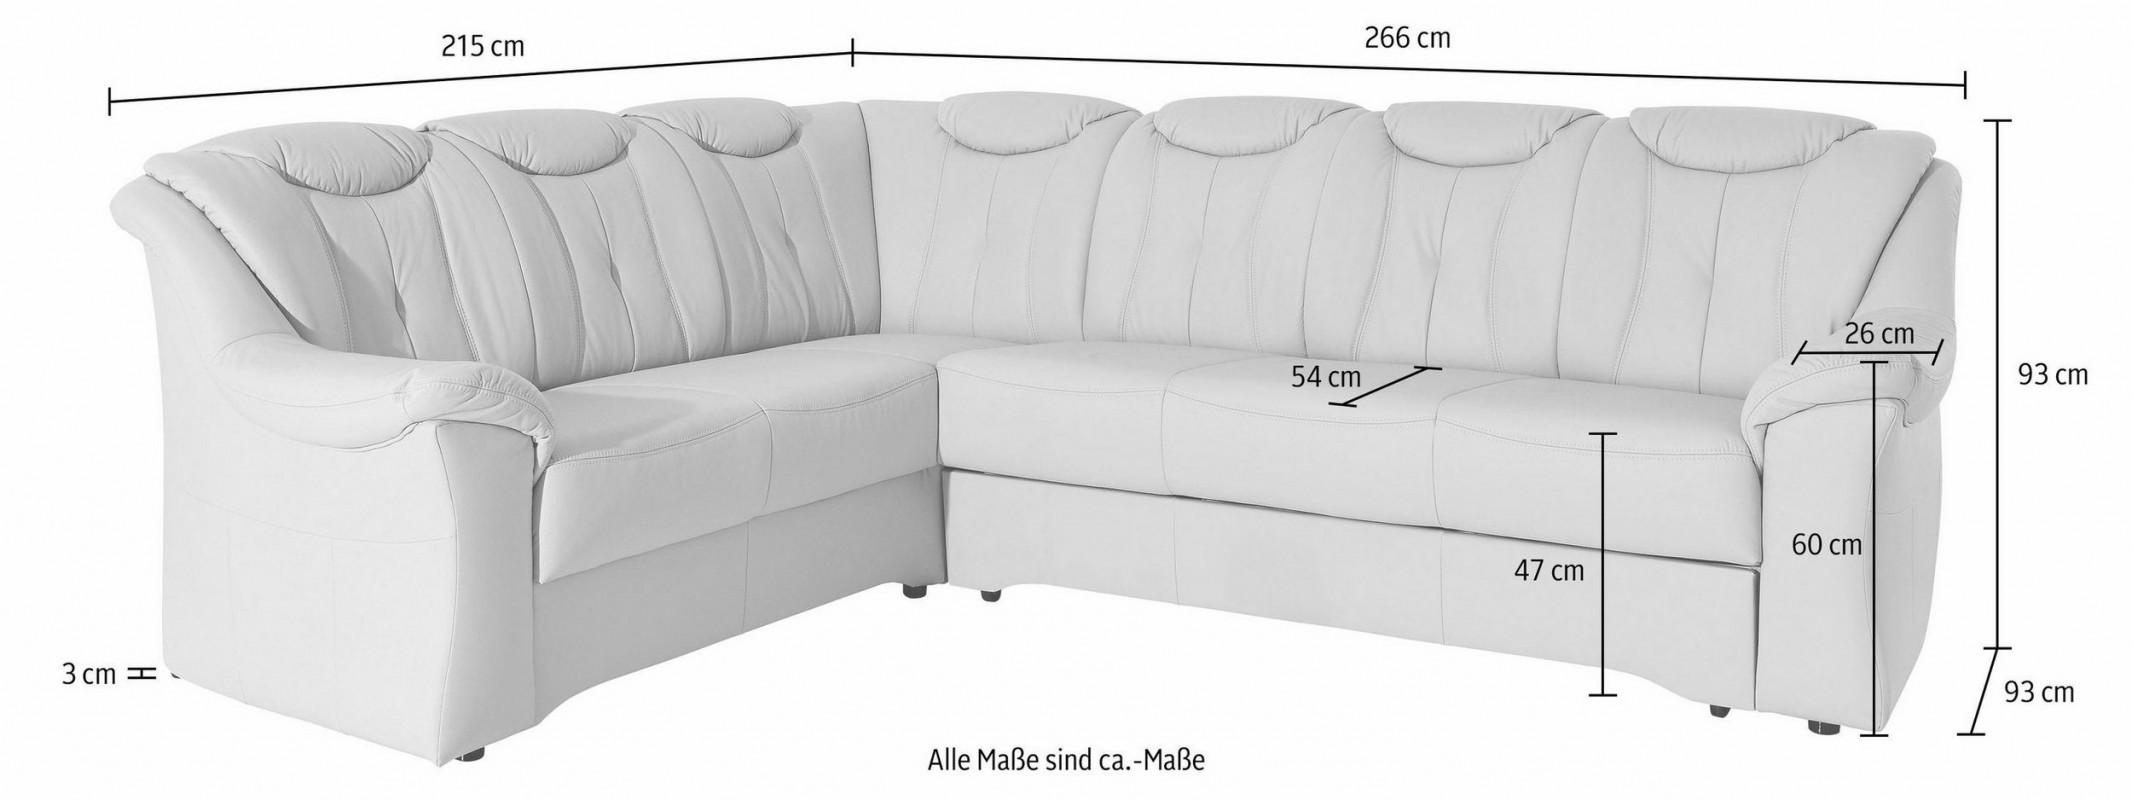 minkstas-kampas-su-foteliu-saloniki-natodos pvp baldai8